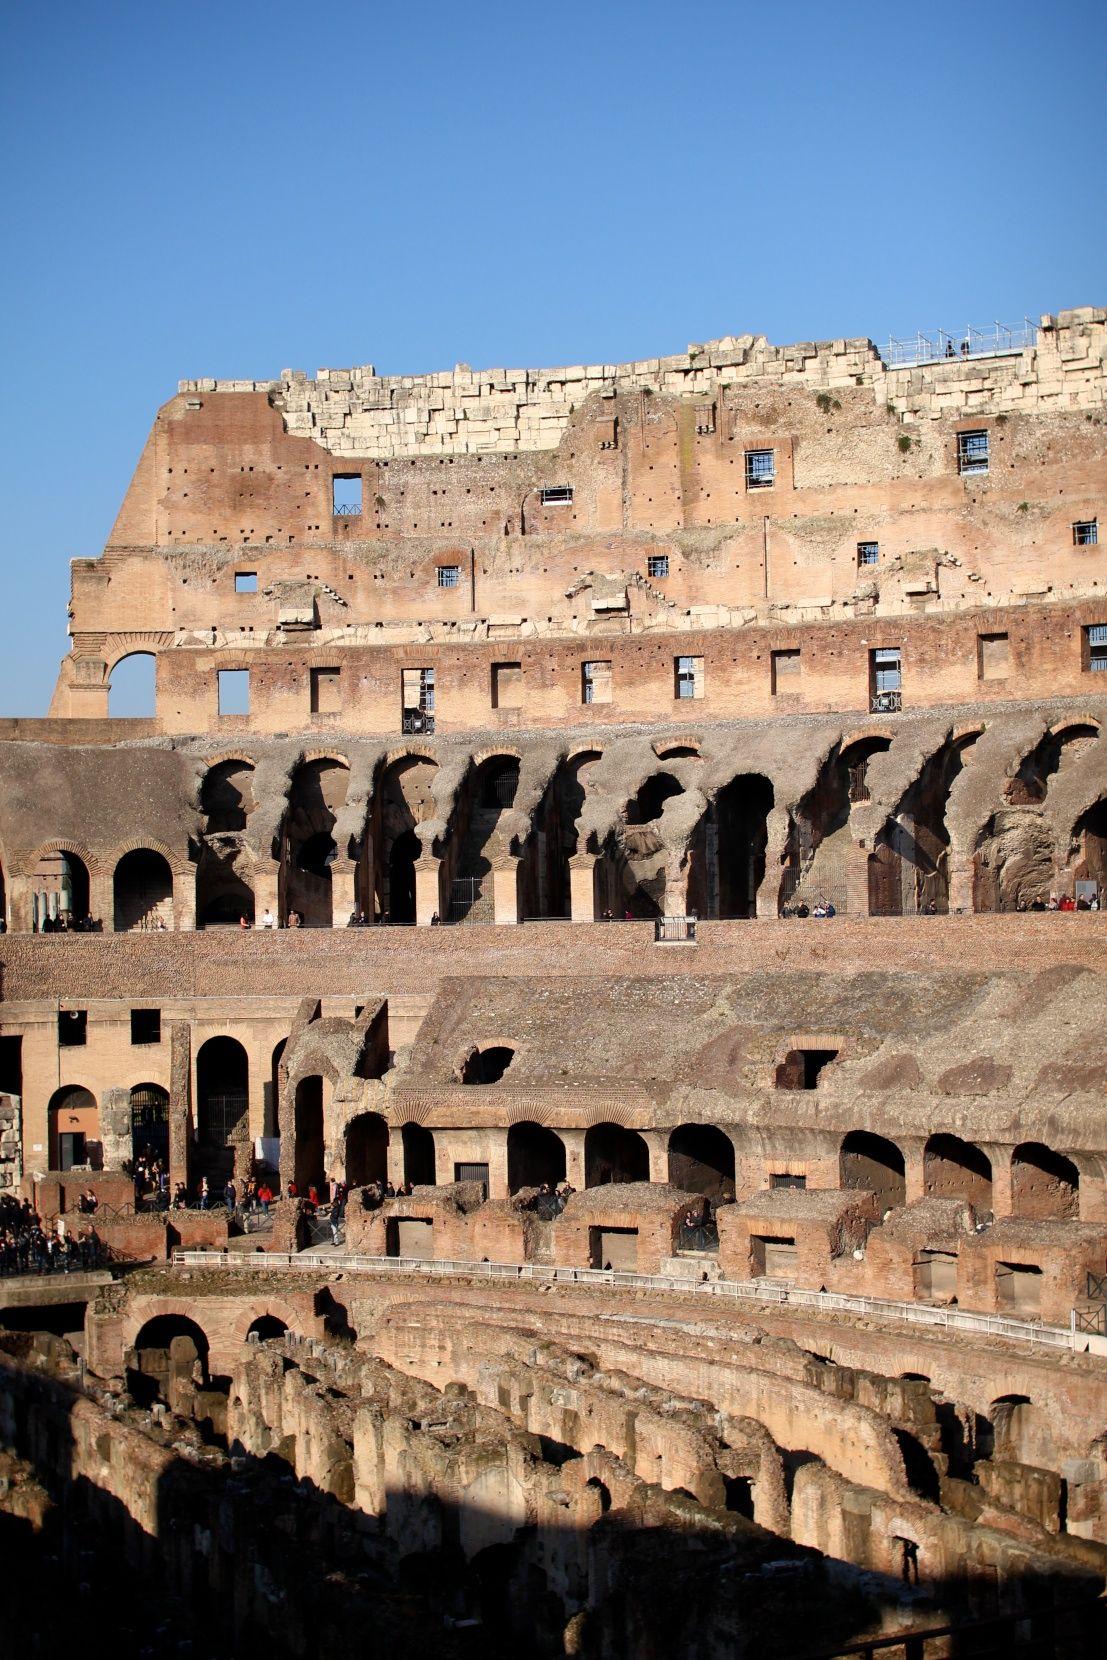 Rome Italy Food & Travel Diary